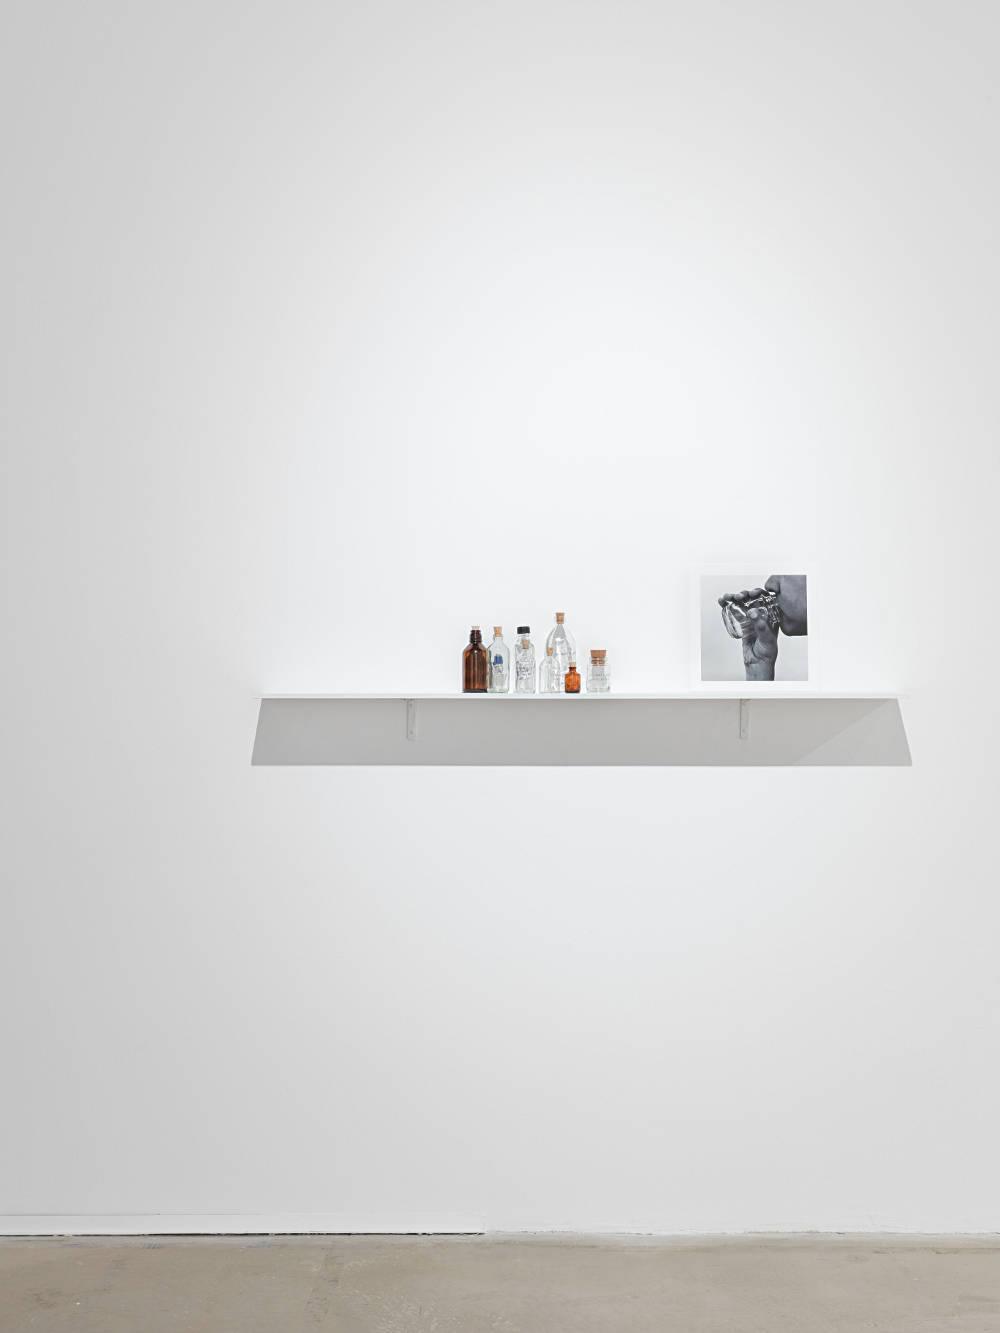 Galleria Continua San Gimignano Shilpa Gupta 3